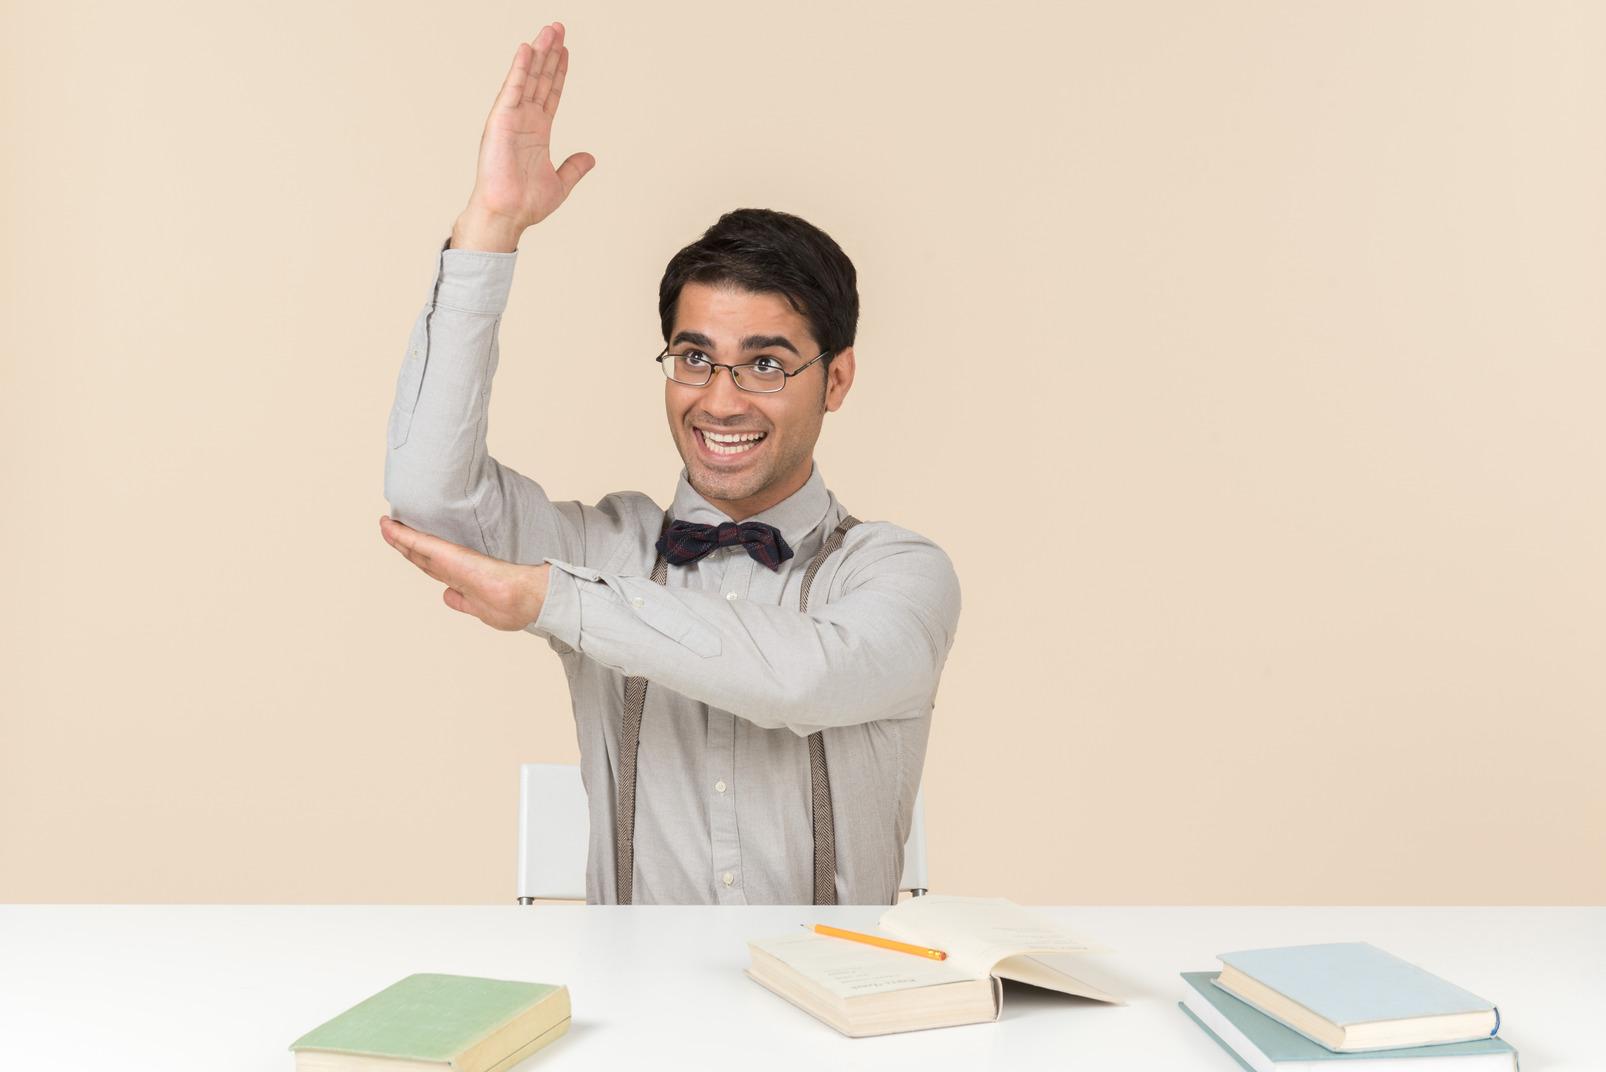 Estudiante adulto sentado en la mesa y levantando una mano